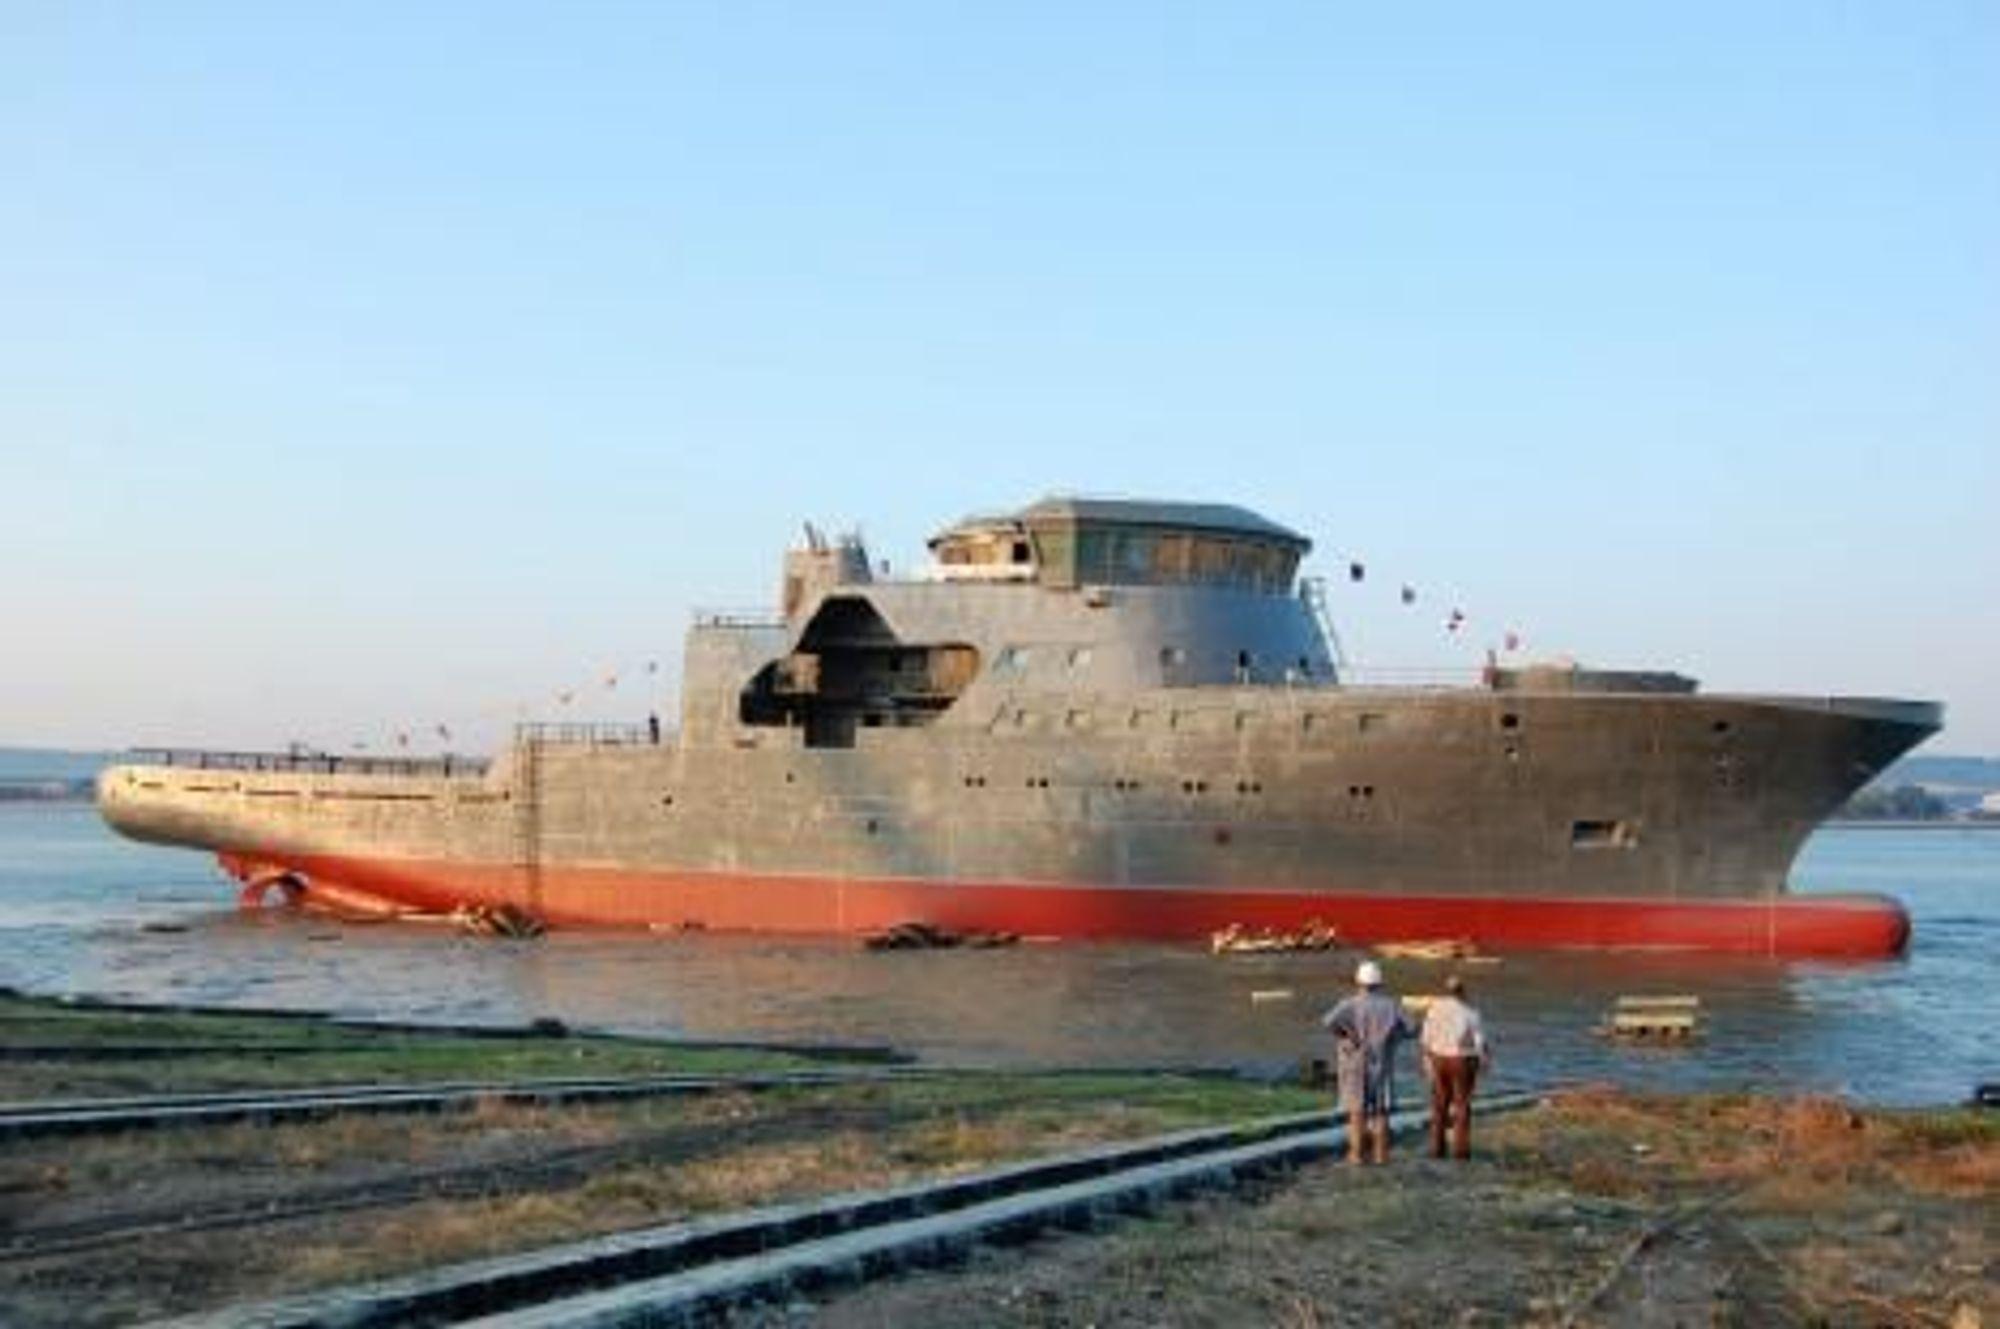 ØSTBLOKK: Skroget til KV Barentshav ble bygget i Romania i fjor og slept til Norge for ferdigbygging ved Myklebust Verft.